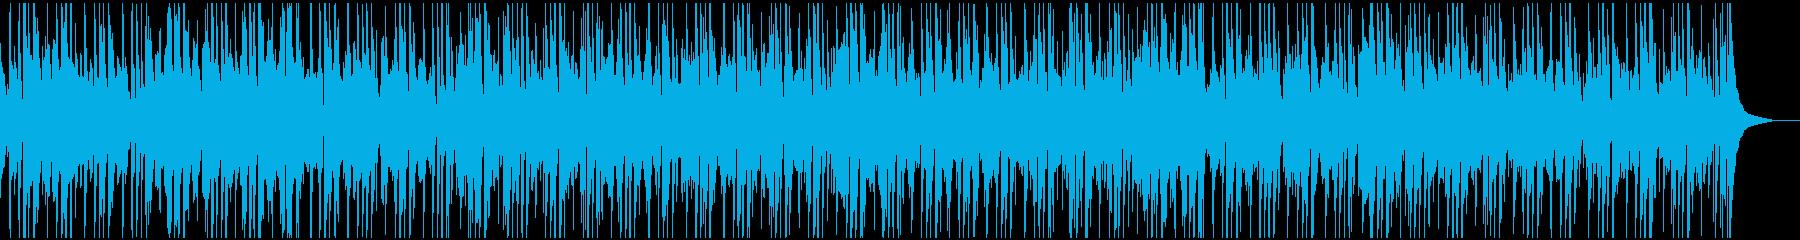 爽やかでポップなフュージョンの再生済みの波形